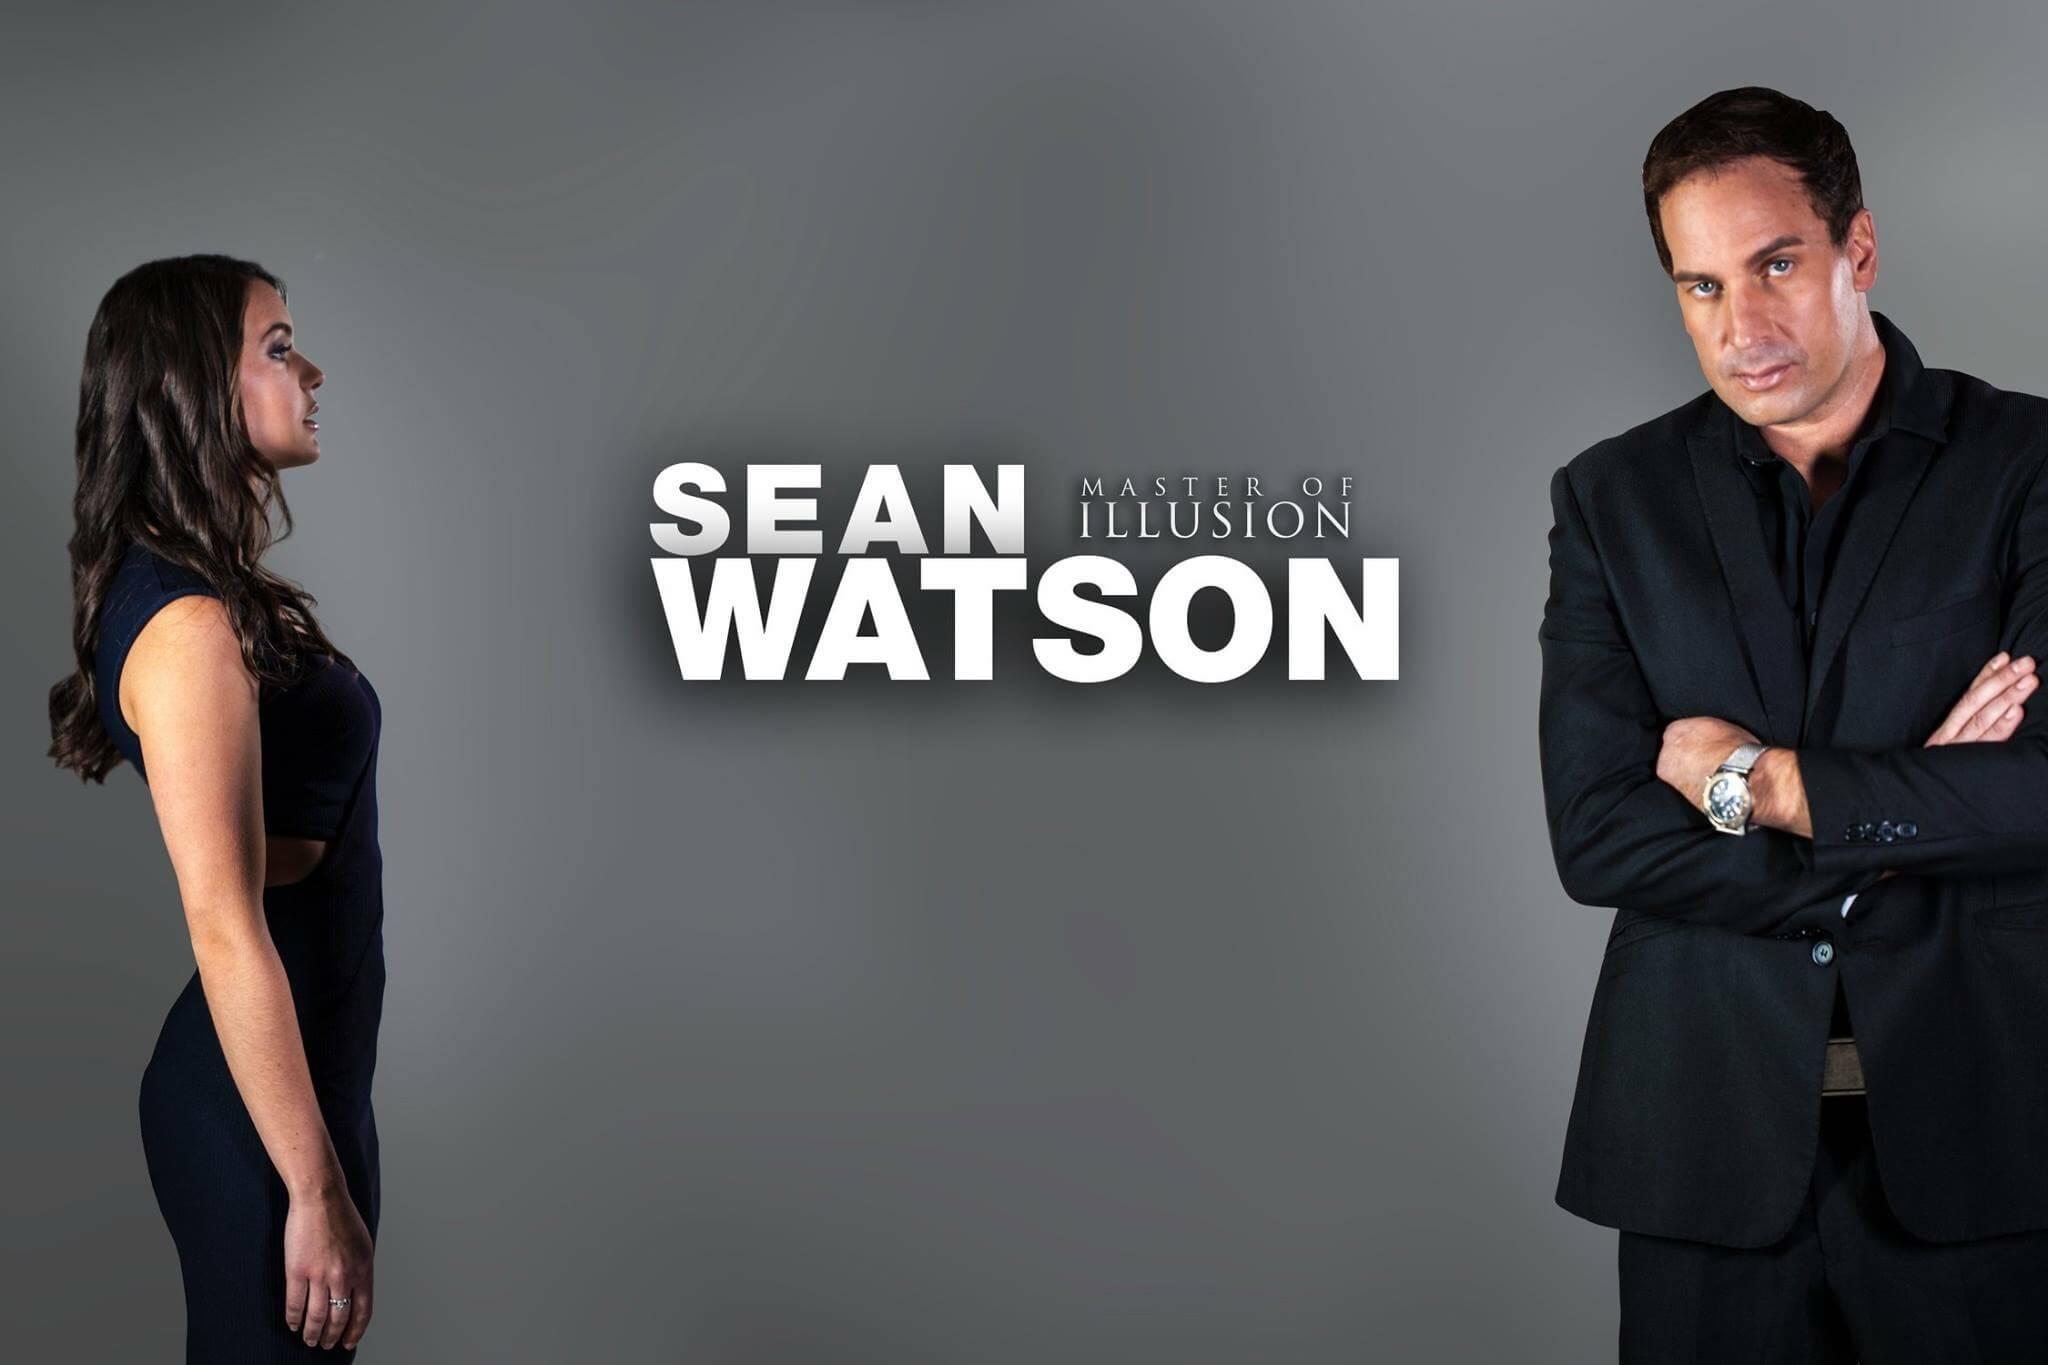 Sean Watson Master of Illusion